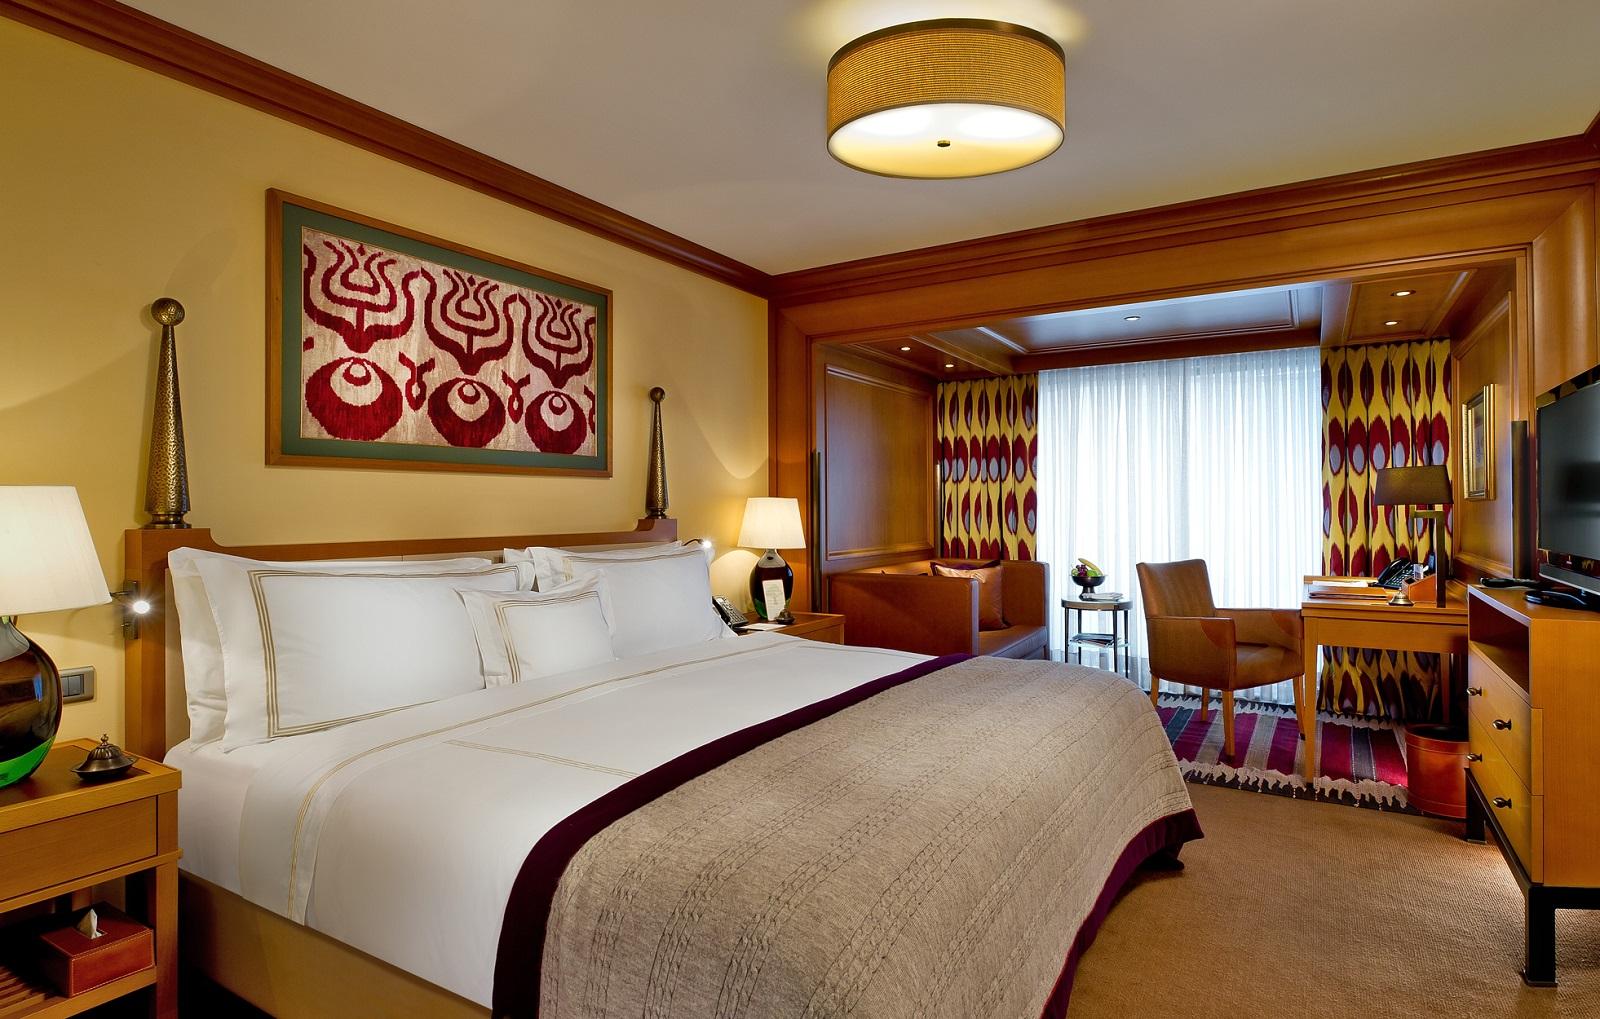 DIVAN HOTEL